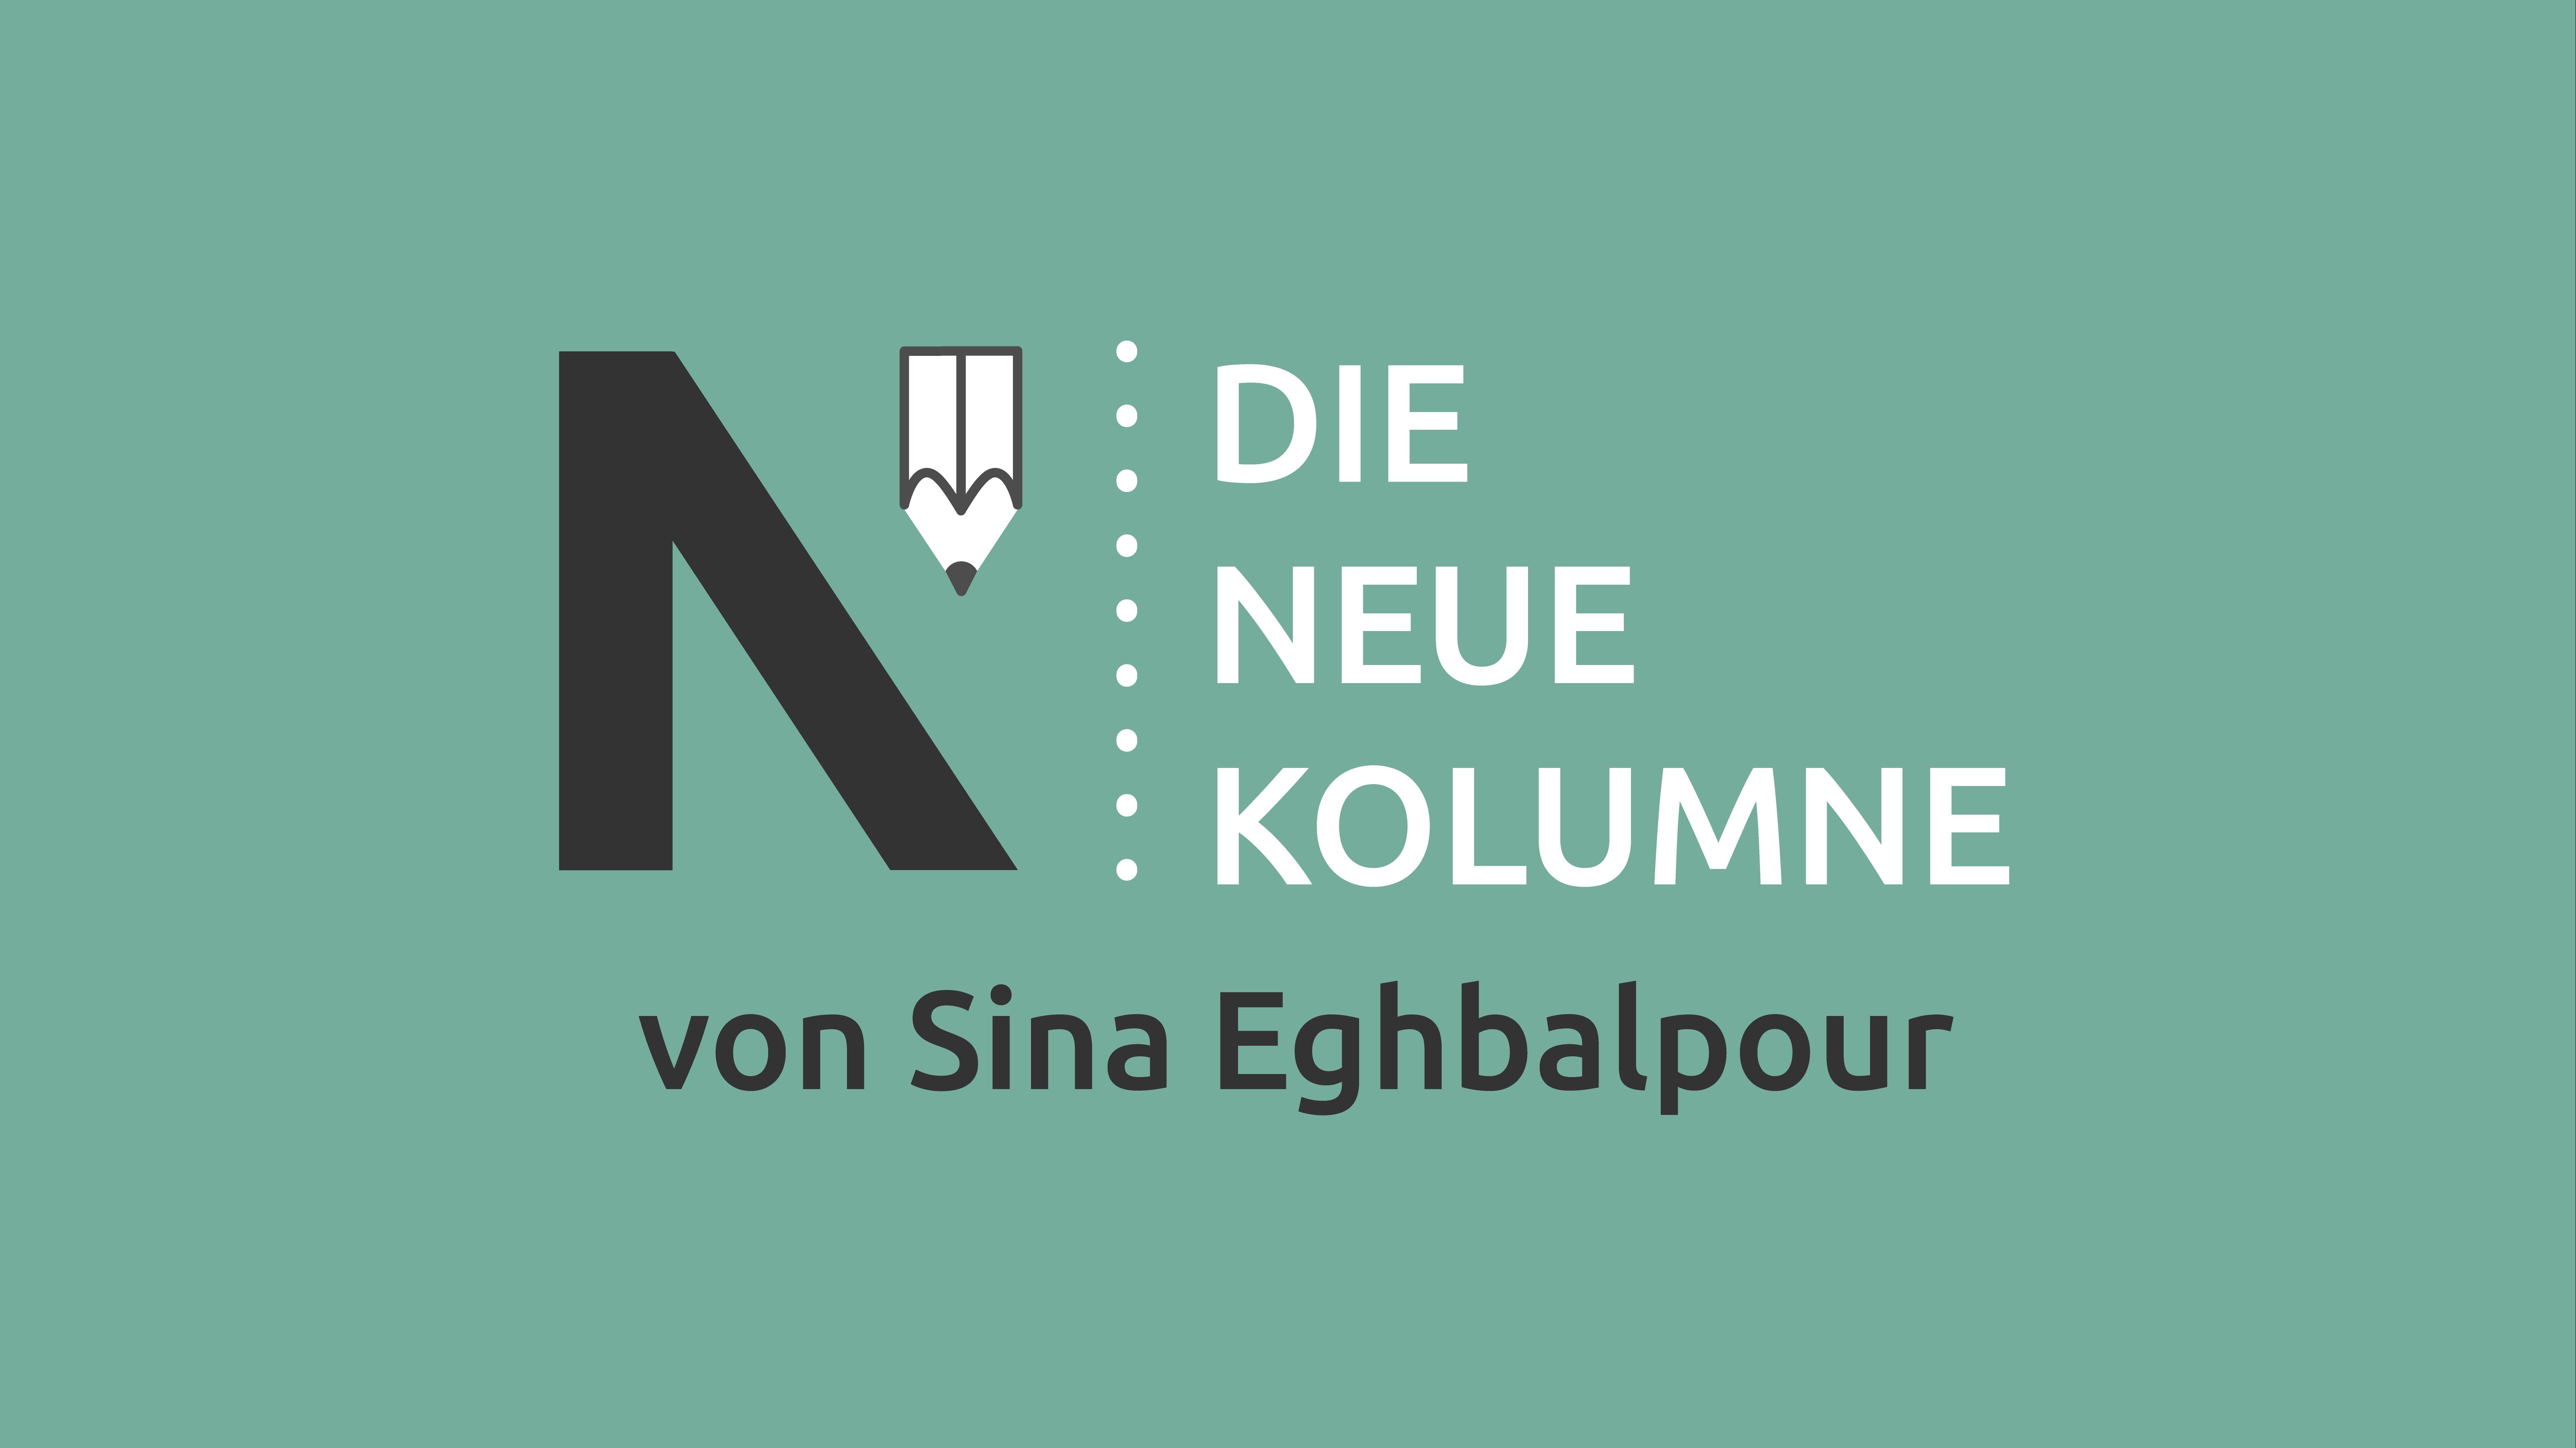 Das Logo von Die Neue Norm auf grünem Grund. Rechts davon steht: Die Neue Kolumne. Unten steht: Von Sina Eghbalpour.